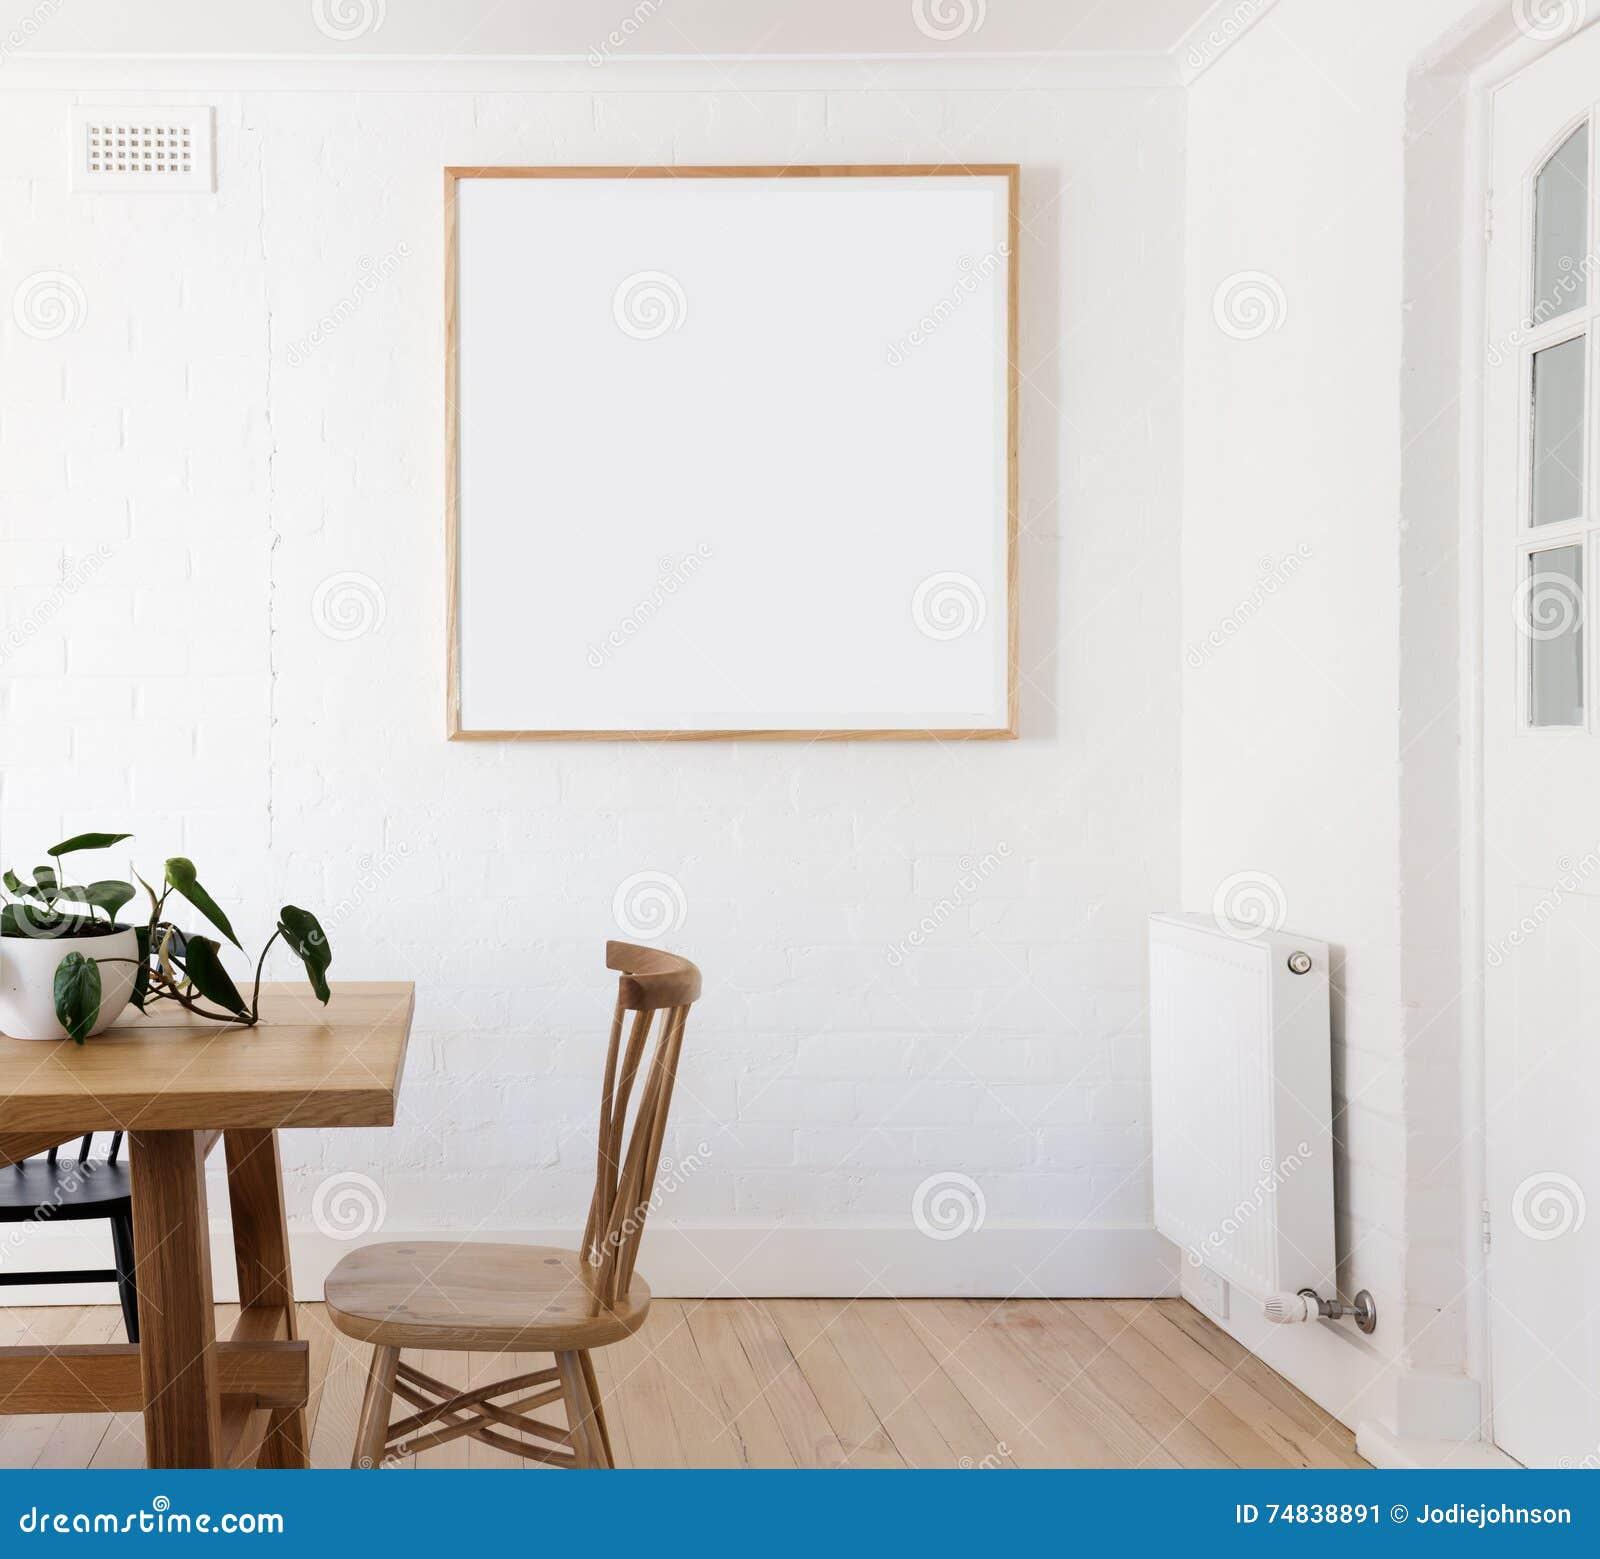 El espacio en blanco enmarcó la impresión en la pared blanca en dinin interior diseñado danés